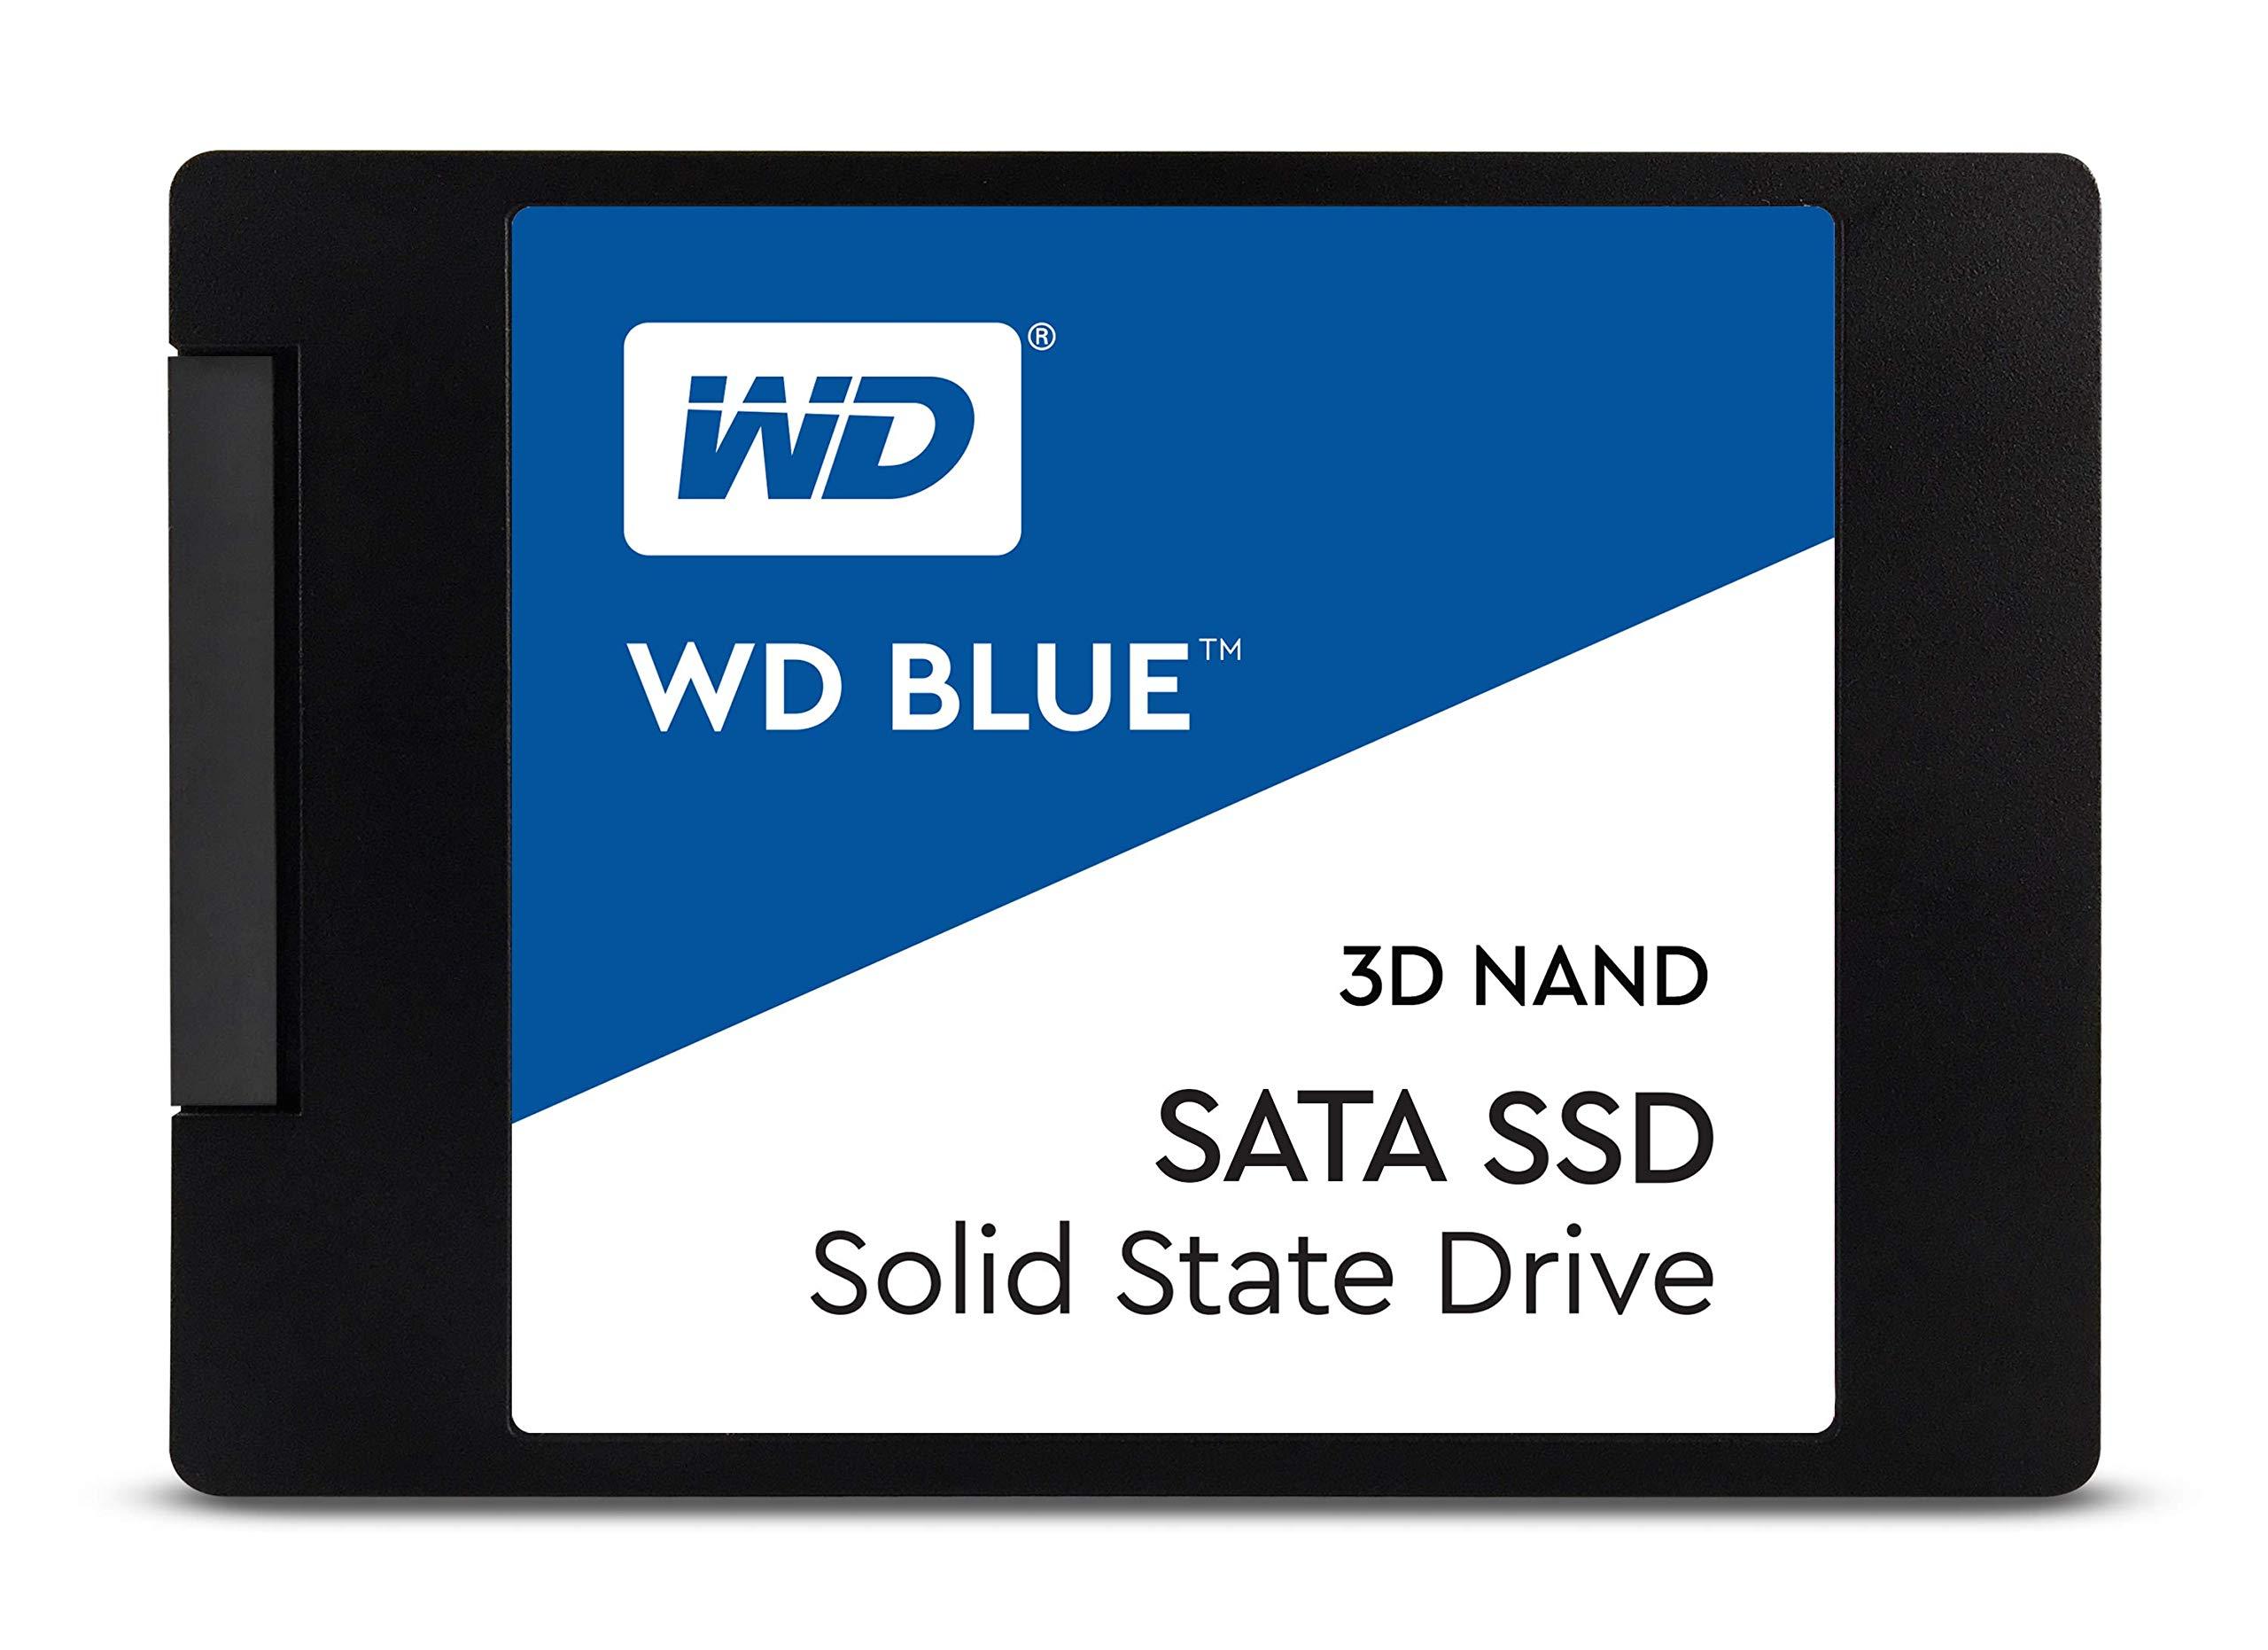 WD Blue 3D NAND 1TB Internal PC SSD - SATA III 6 Gb/s, 2.5''/7mm, Up to 560 MB/s - WDS100T2B0A by Western Digital